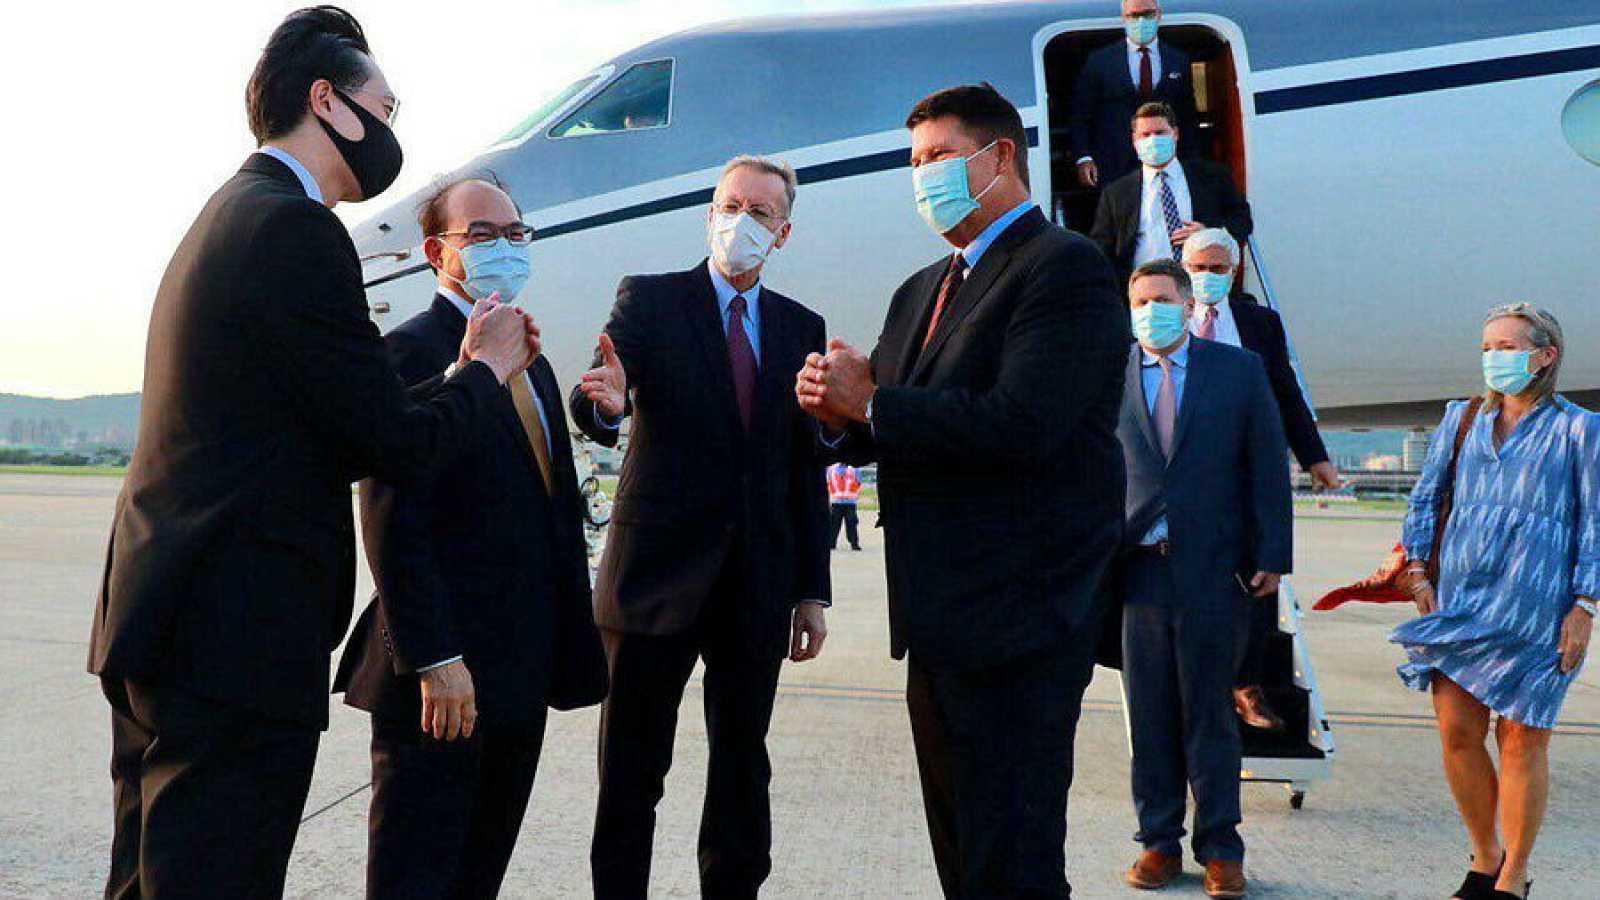 Miembros del Ministerio de Relaciones Exteriores de Taiwán dan la bienvenida al subsecretario de Estado de Asuntos Económicos de EE.UU., Keith Krath.